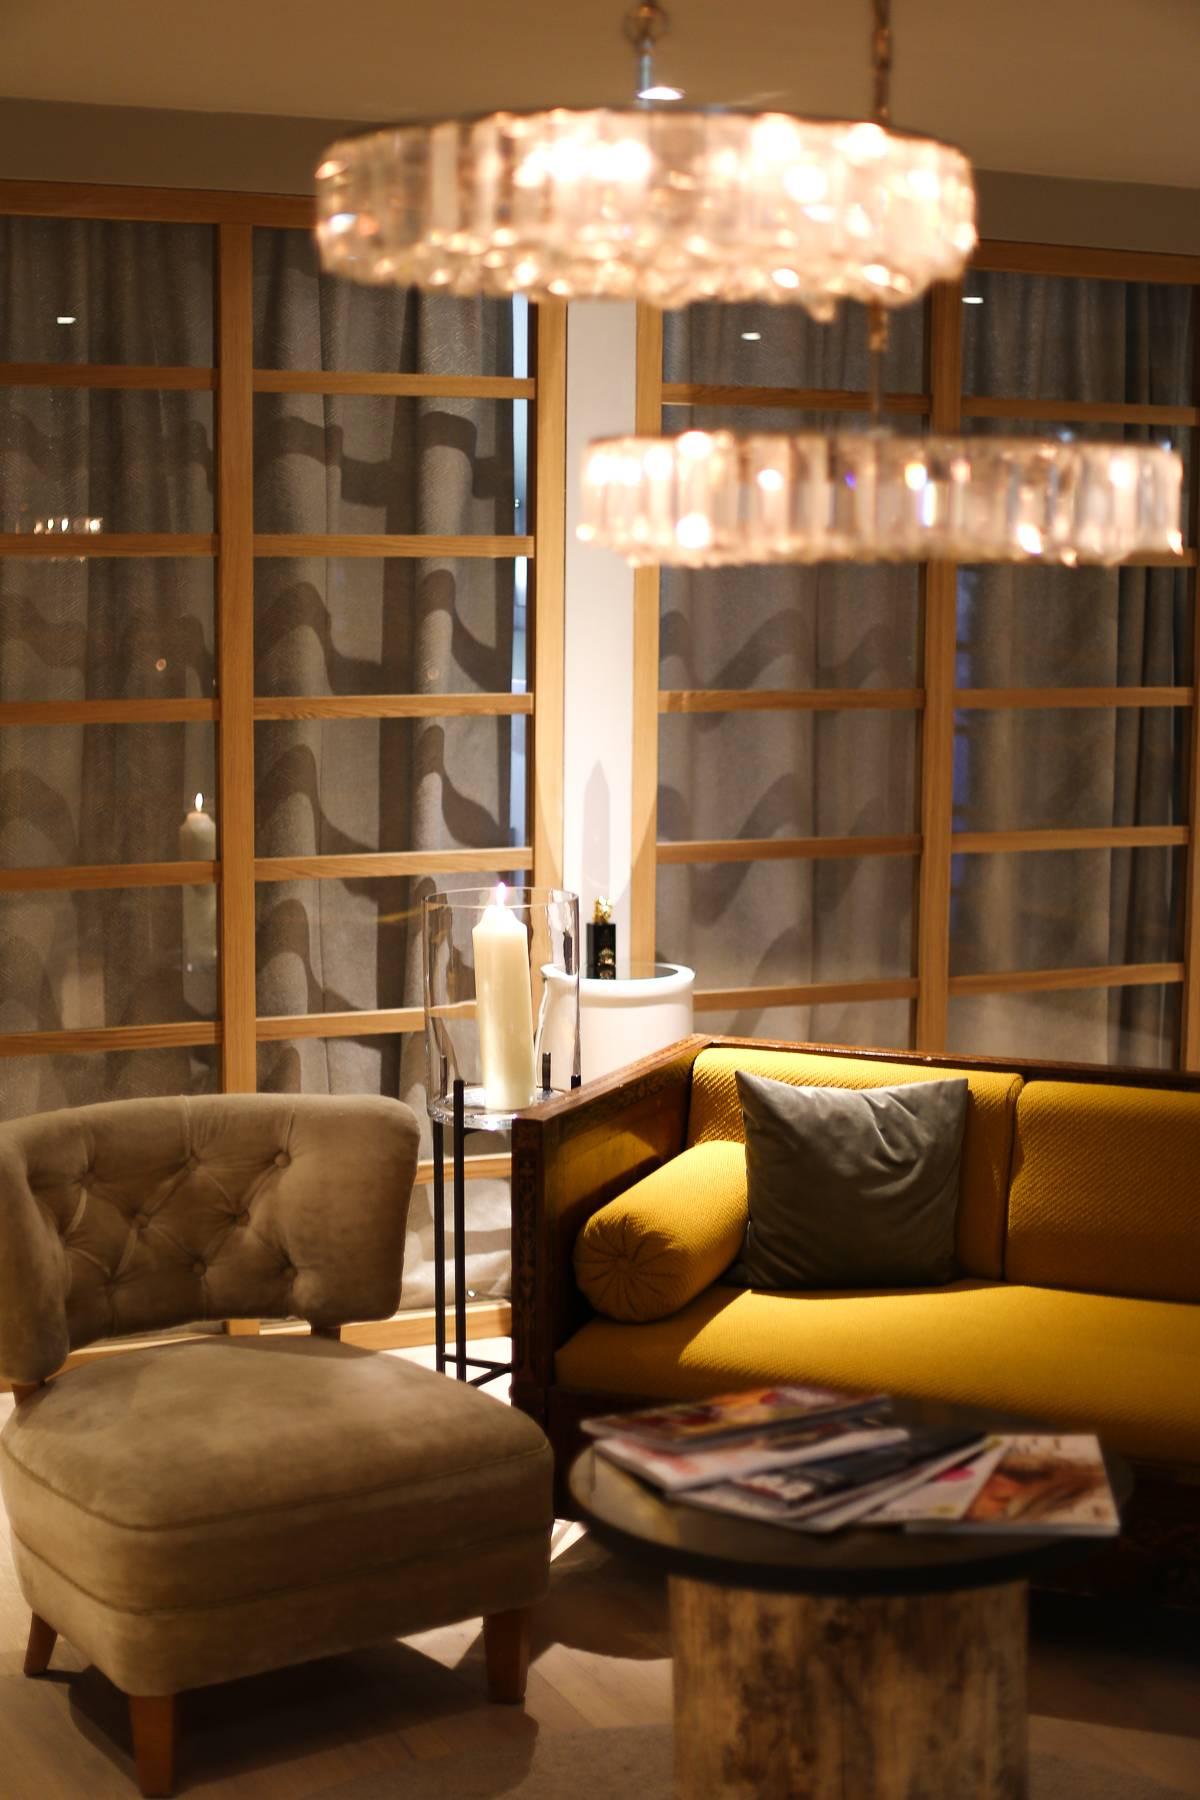 Hotel Walliserhof - Vorarlberg - Österreich - Mädelstrip - Münchner Blogger - Designhotel - Active Lifestyle - German Traveblog - Reiseblog - Luxus